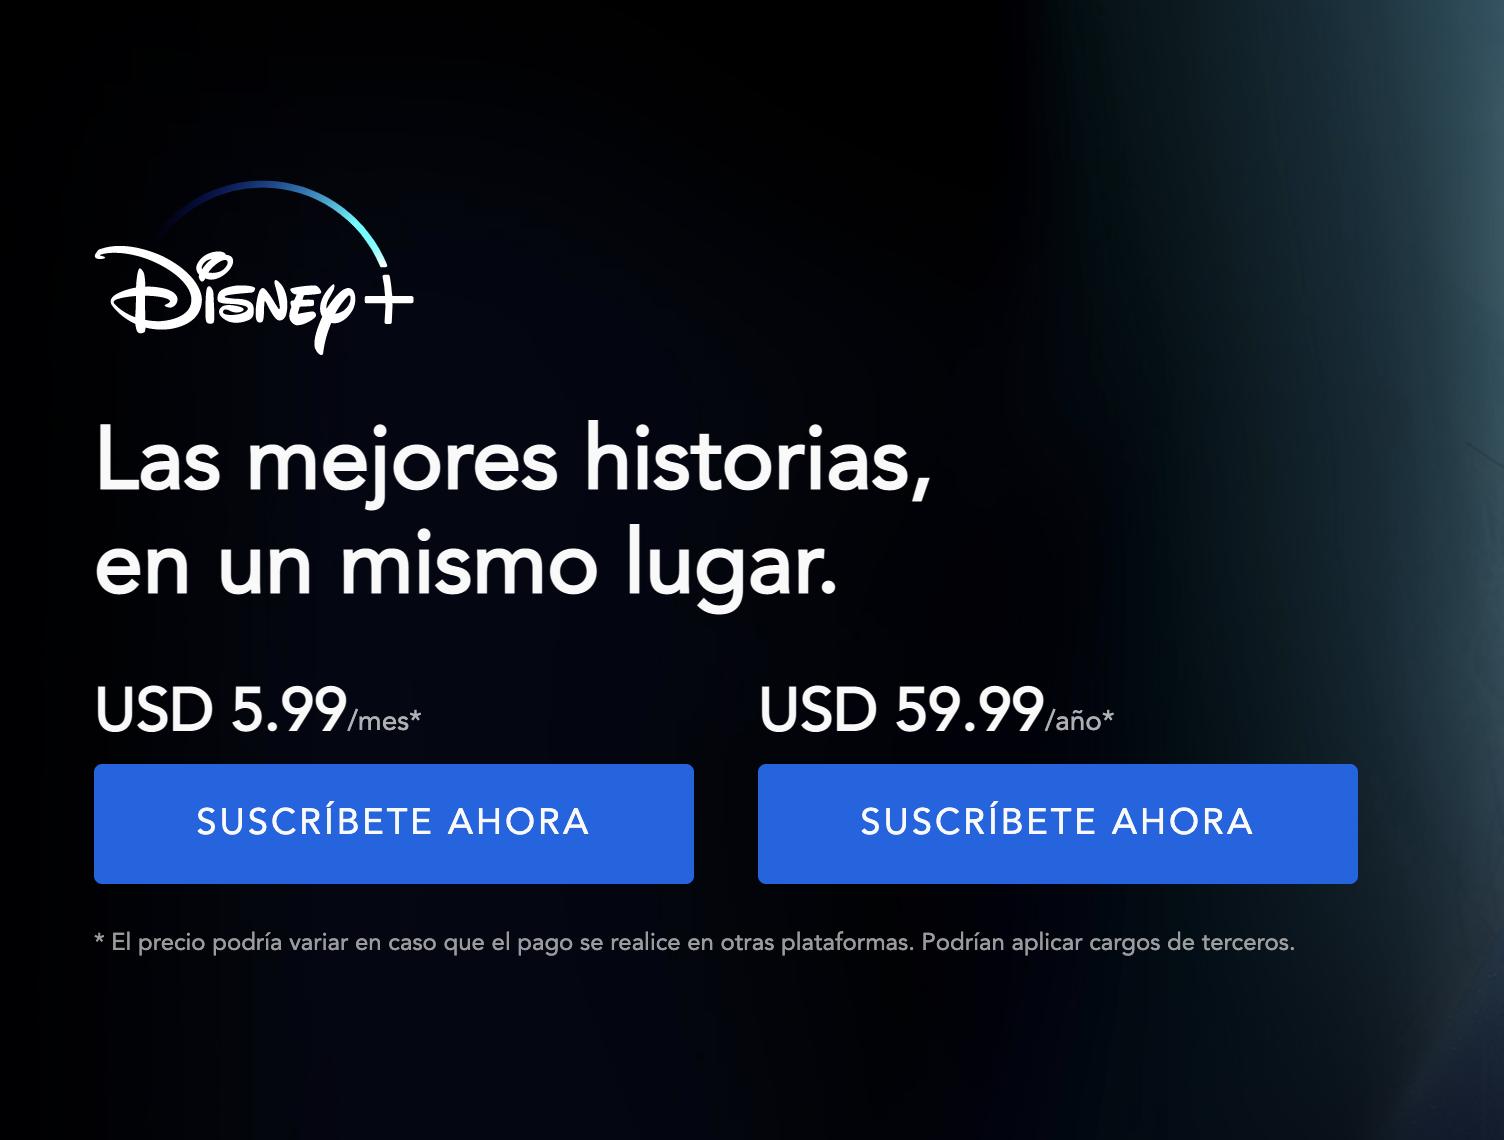 ¿Cuánto cuesta Disney Plus?